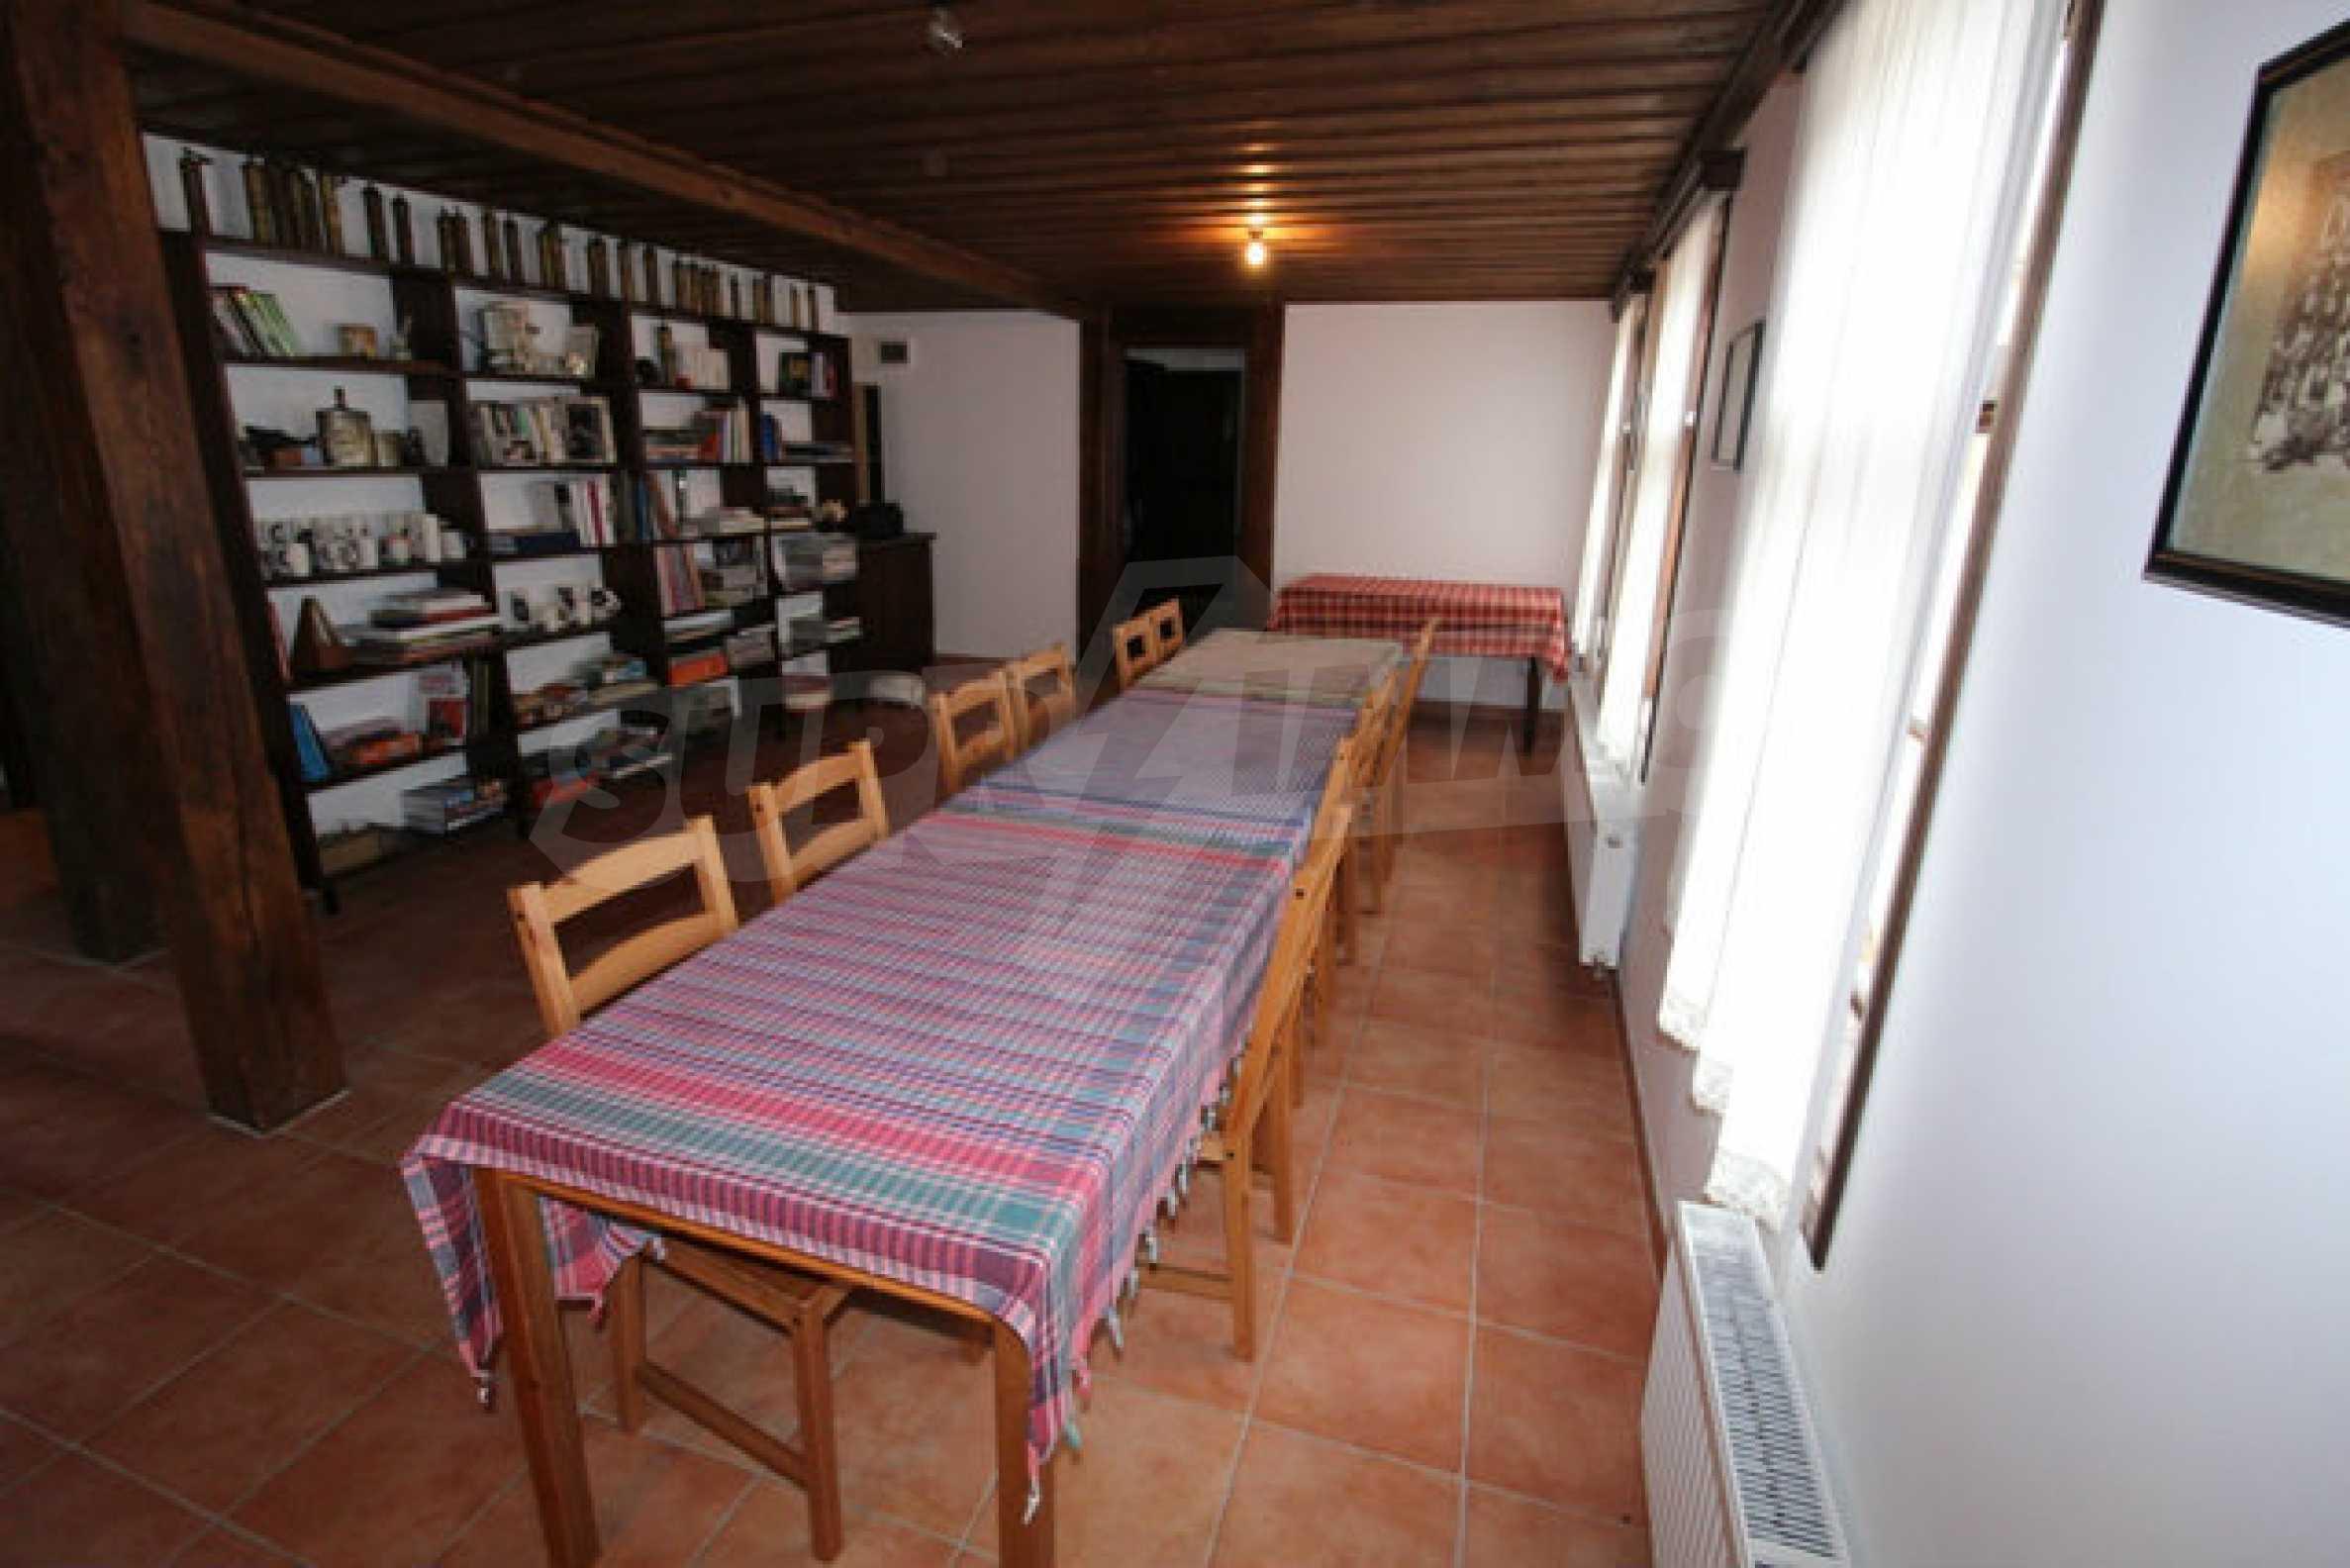 Работеща уютна къща за гости само на 20 км от Велико Търново  26